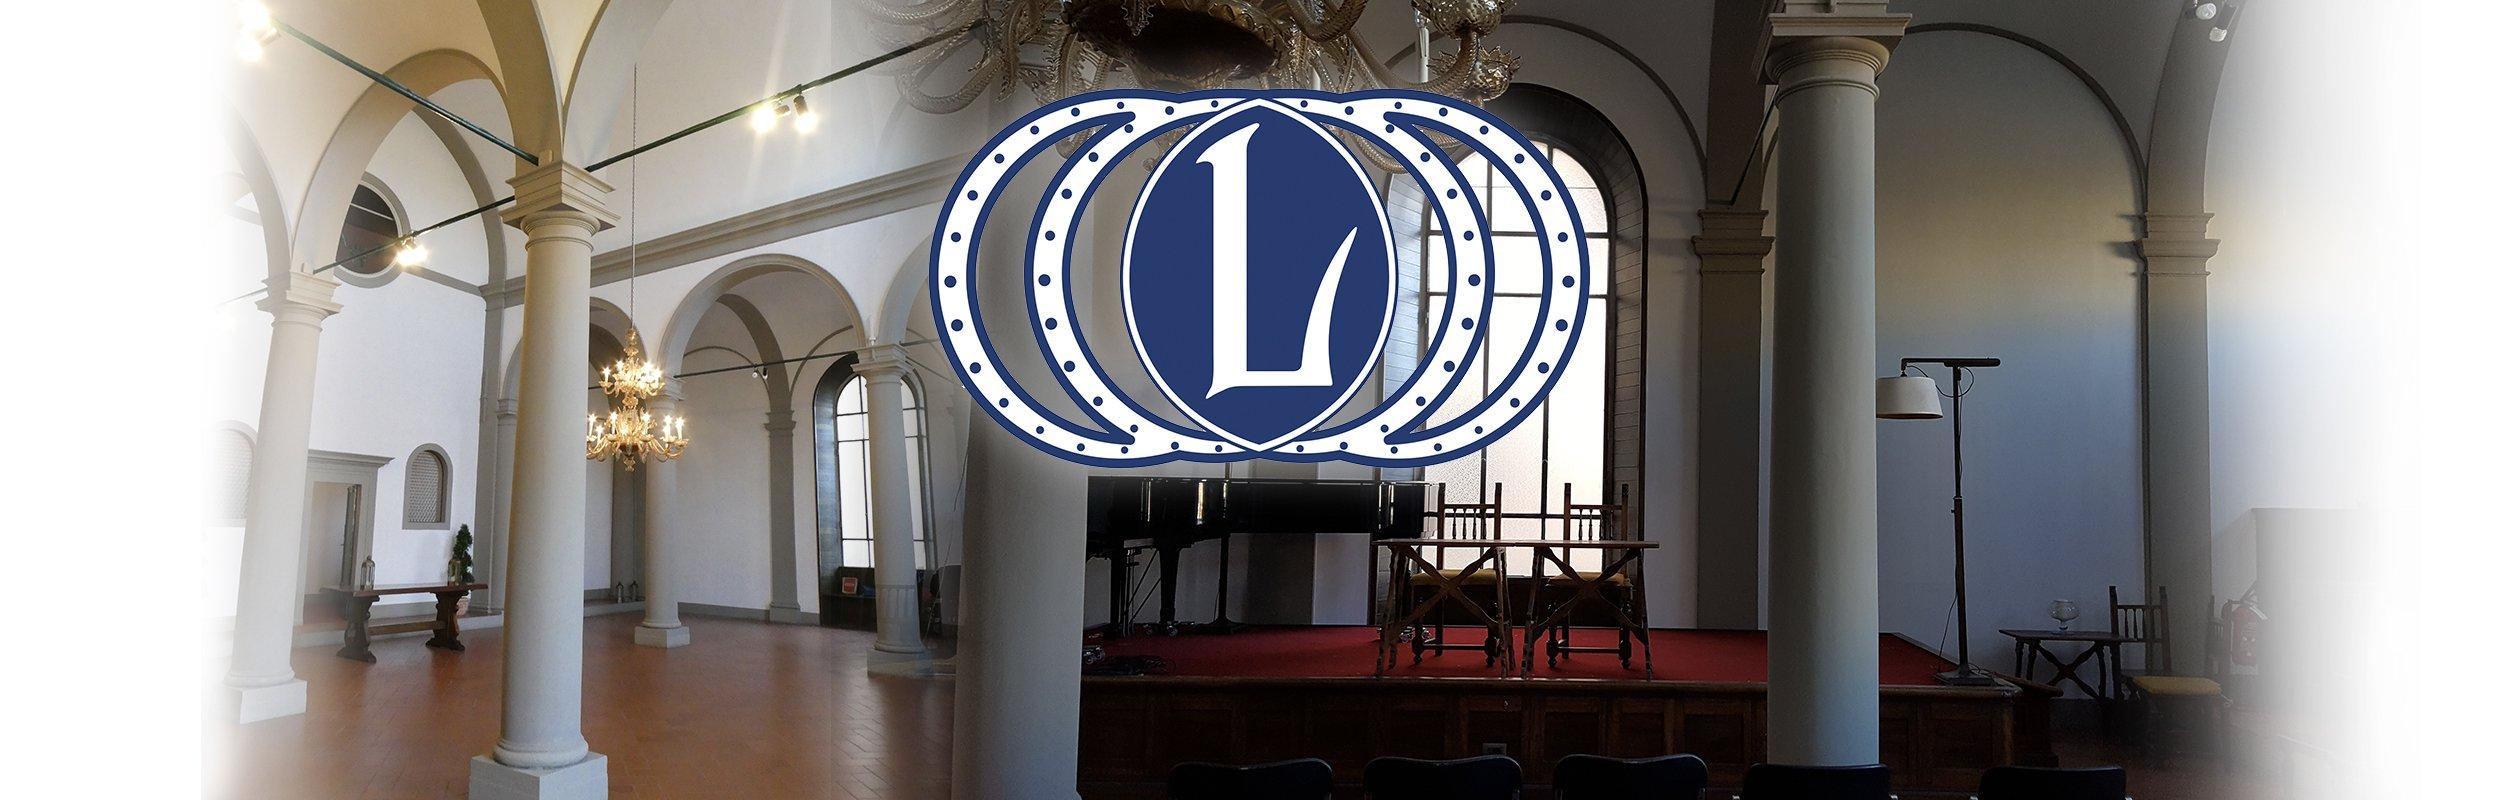 Lunedì 8 ottobre presentazione della nuova sede in Palazzo Adami Lami